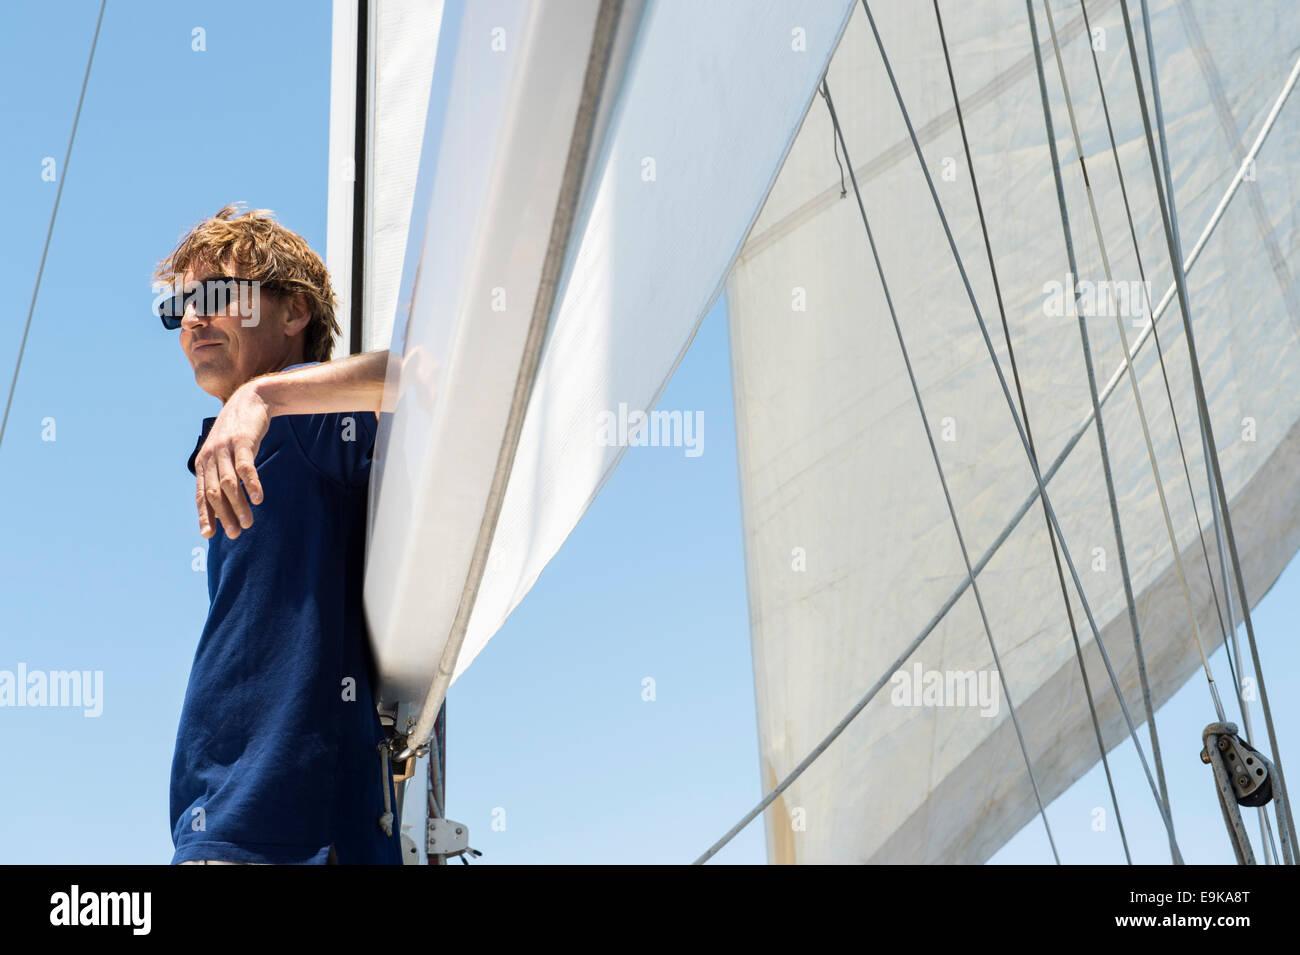 Vista lateral del hombre de mediana edad en velero Imagen De Stock